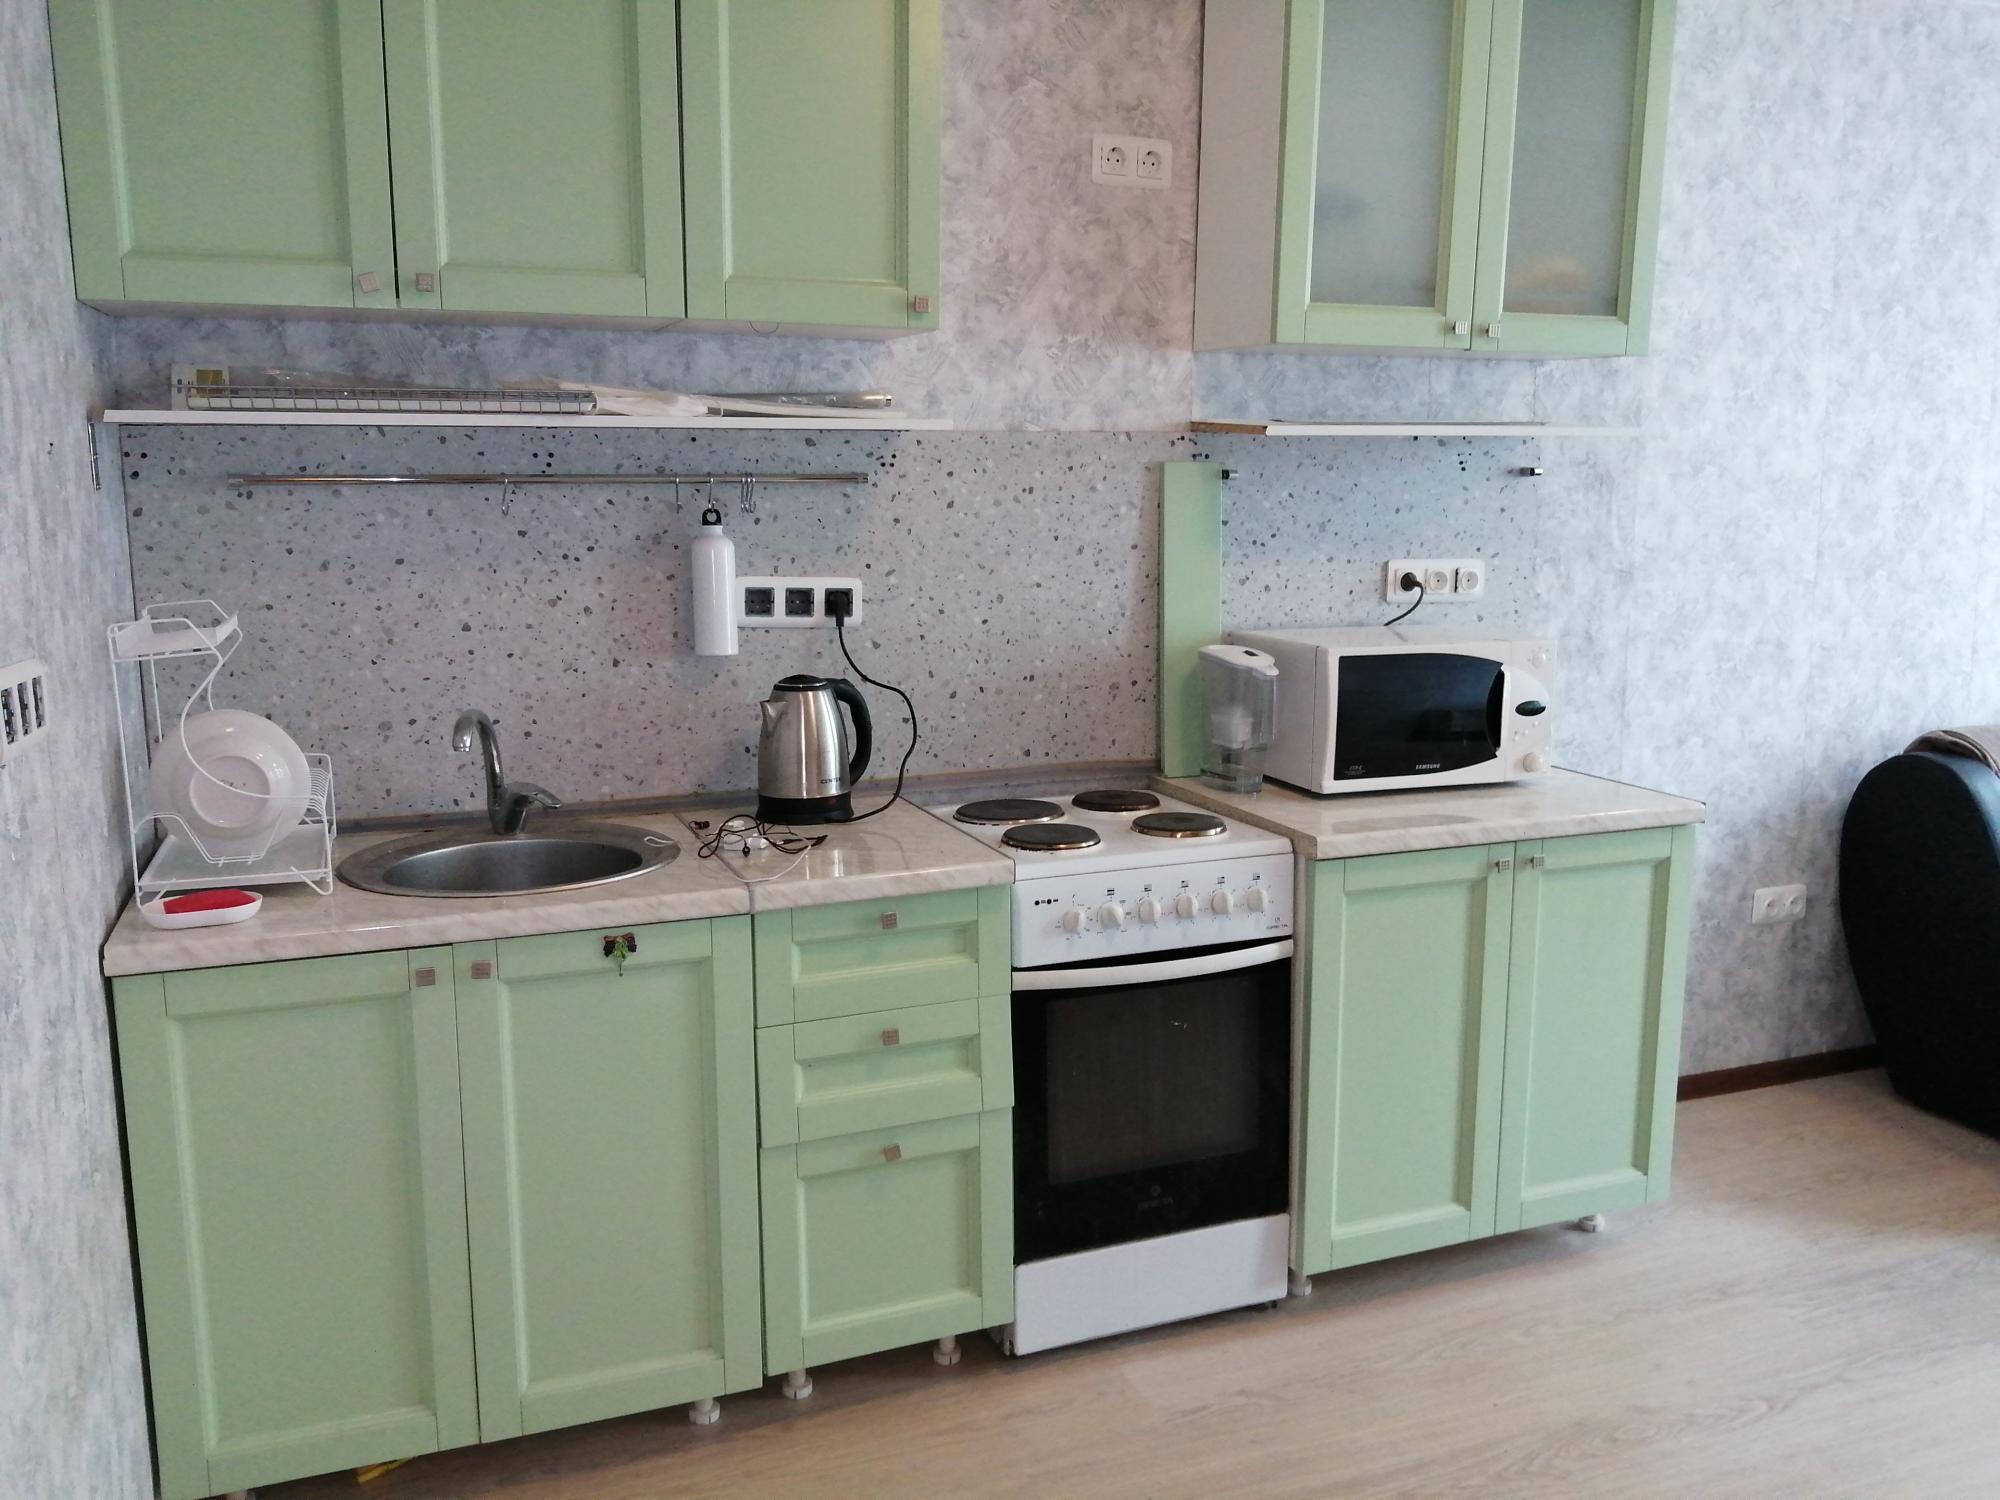 Квартира, 1 комната, 38 м² в Красково 89167750489 купить 4